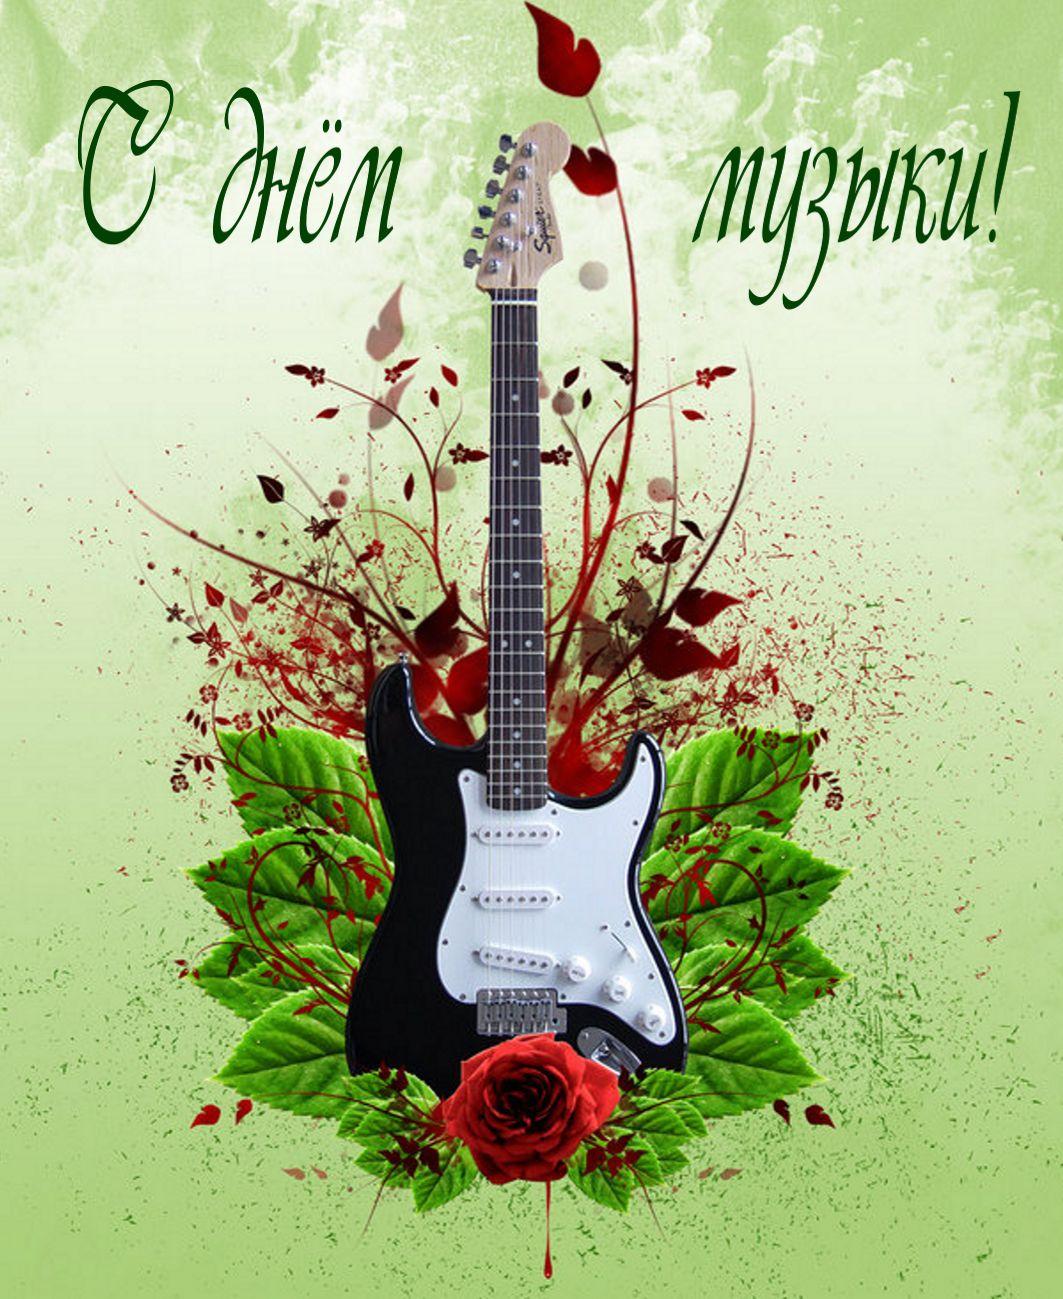 Гитара на красивом фоне на День музыки